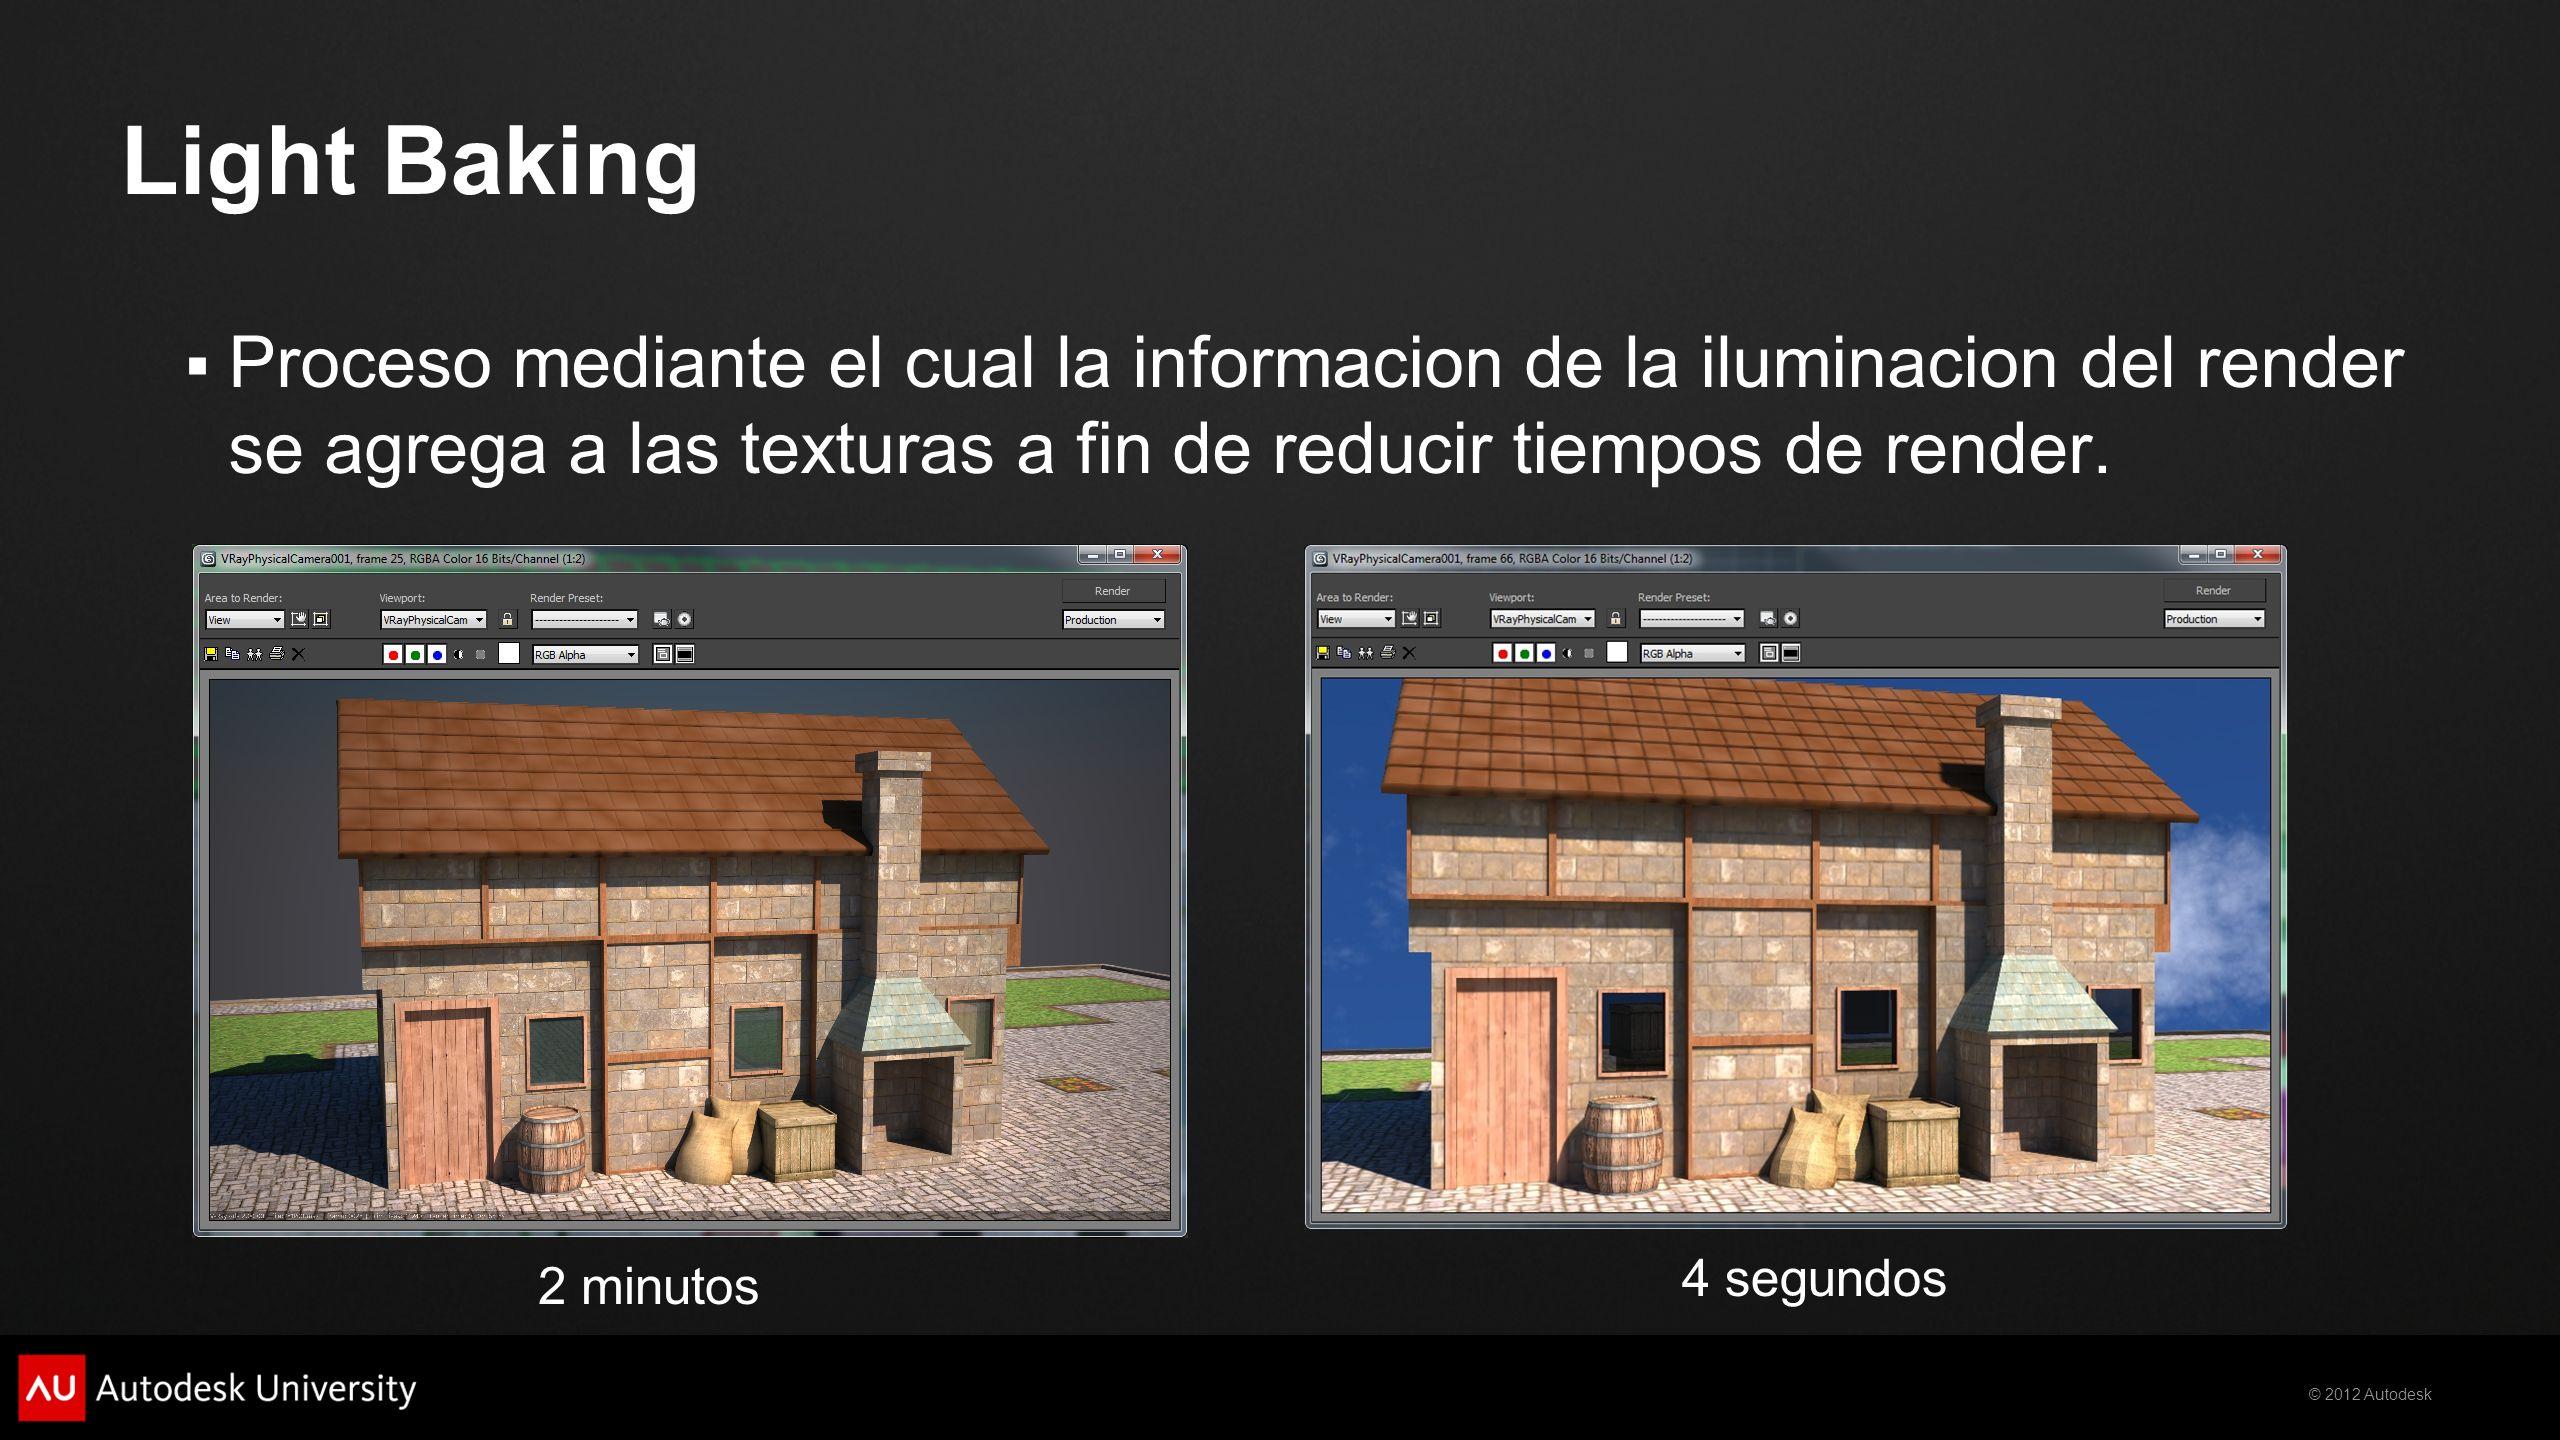 © 2012 Autodesk Proceso mediante el cual la informacion de la iluminacion del render se agrega a las texturas a fin de reducir tiempos de render. Ligh